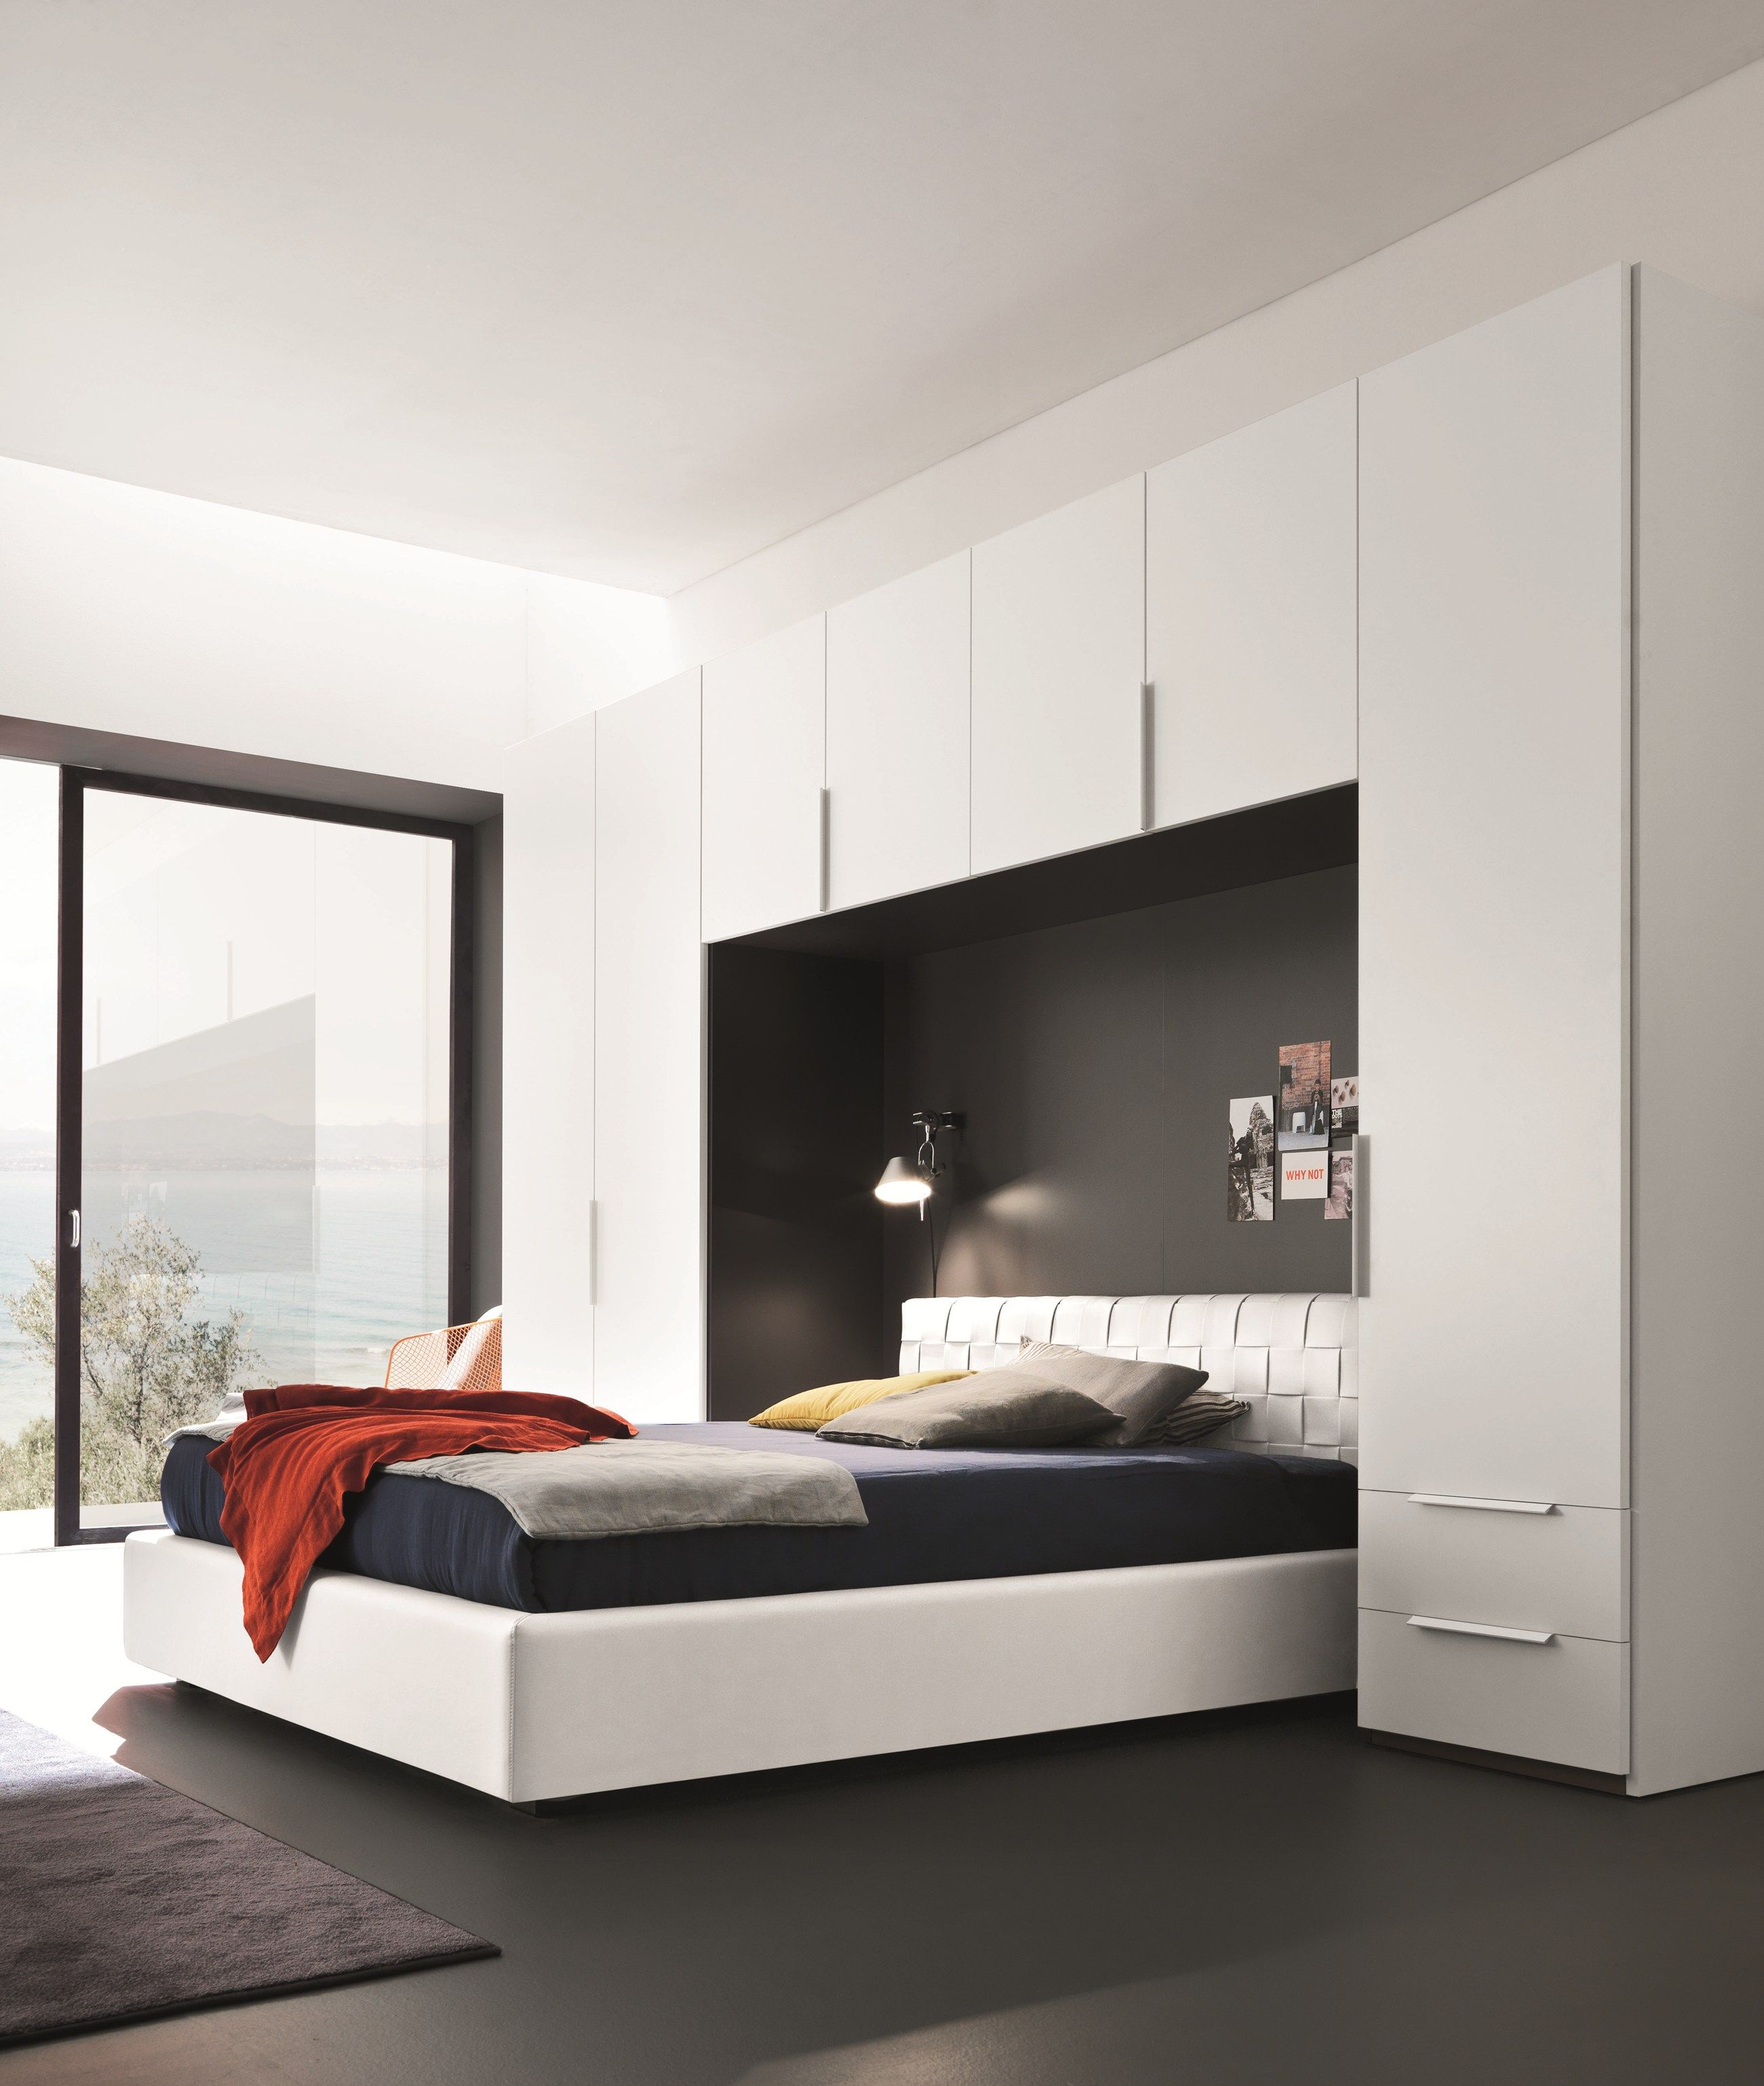 pingl par debege sur pont de lit sovrum garderob et inredning. Black Bedroom Furniture Sets. Home Design Ideas